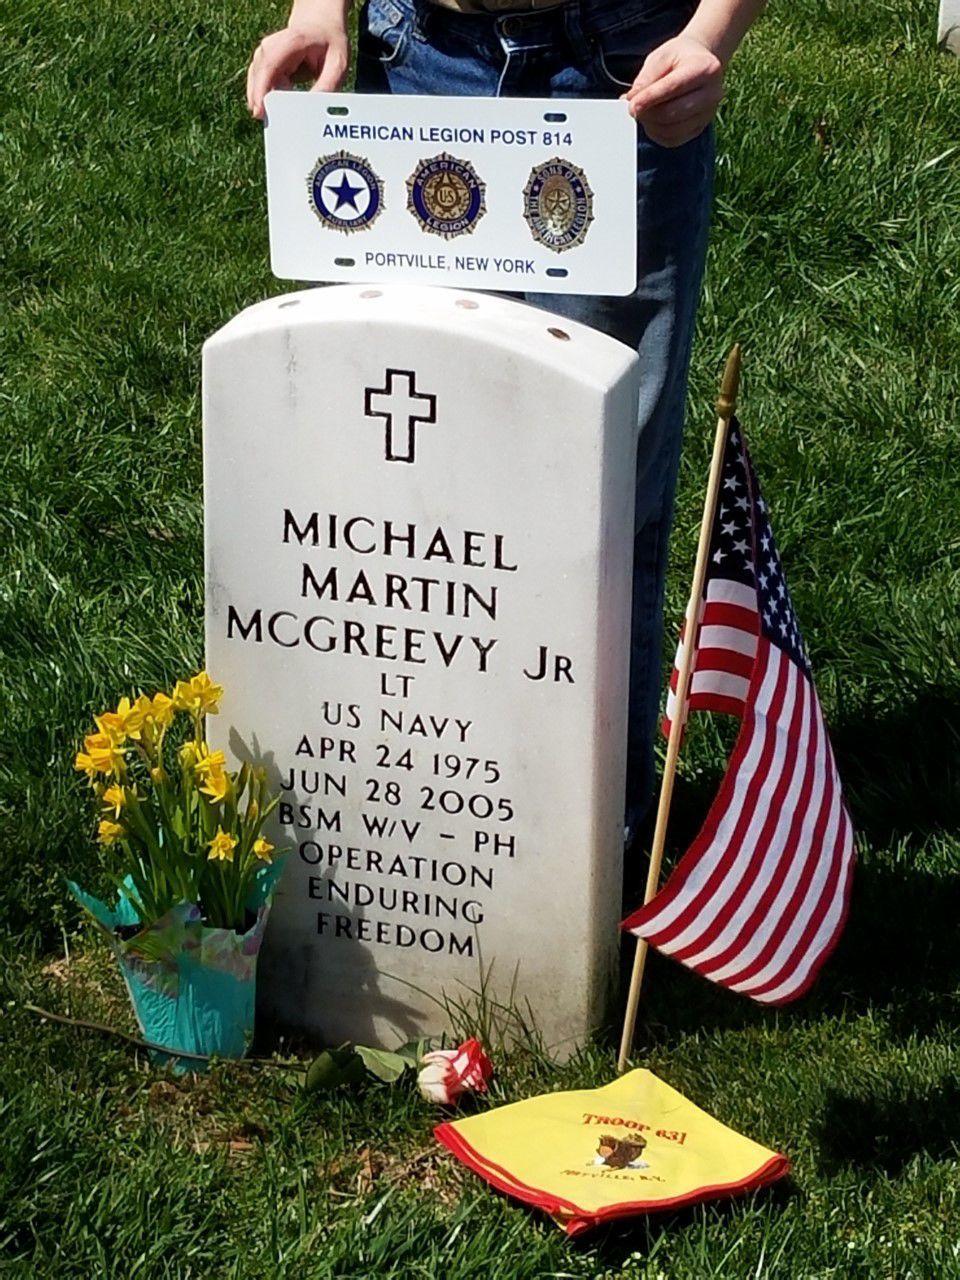 McGreevy gravesite